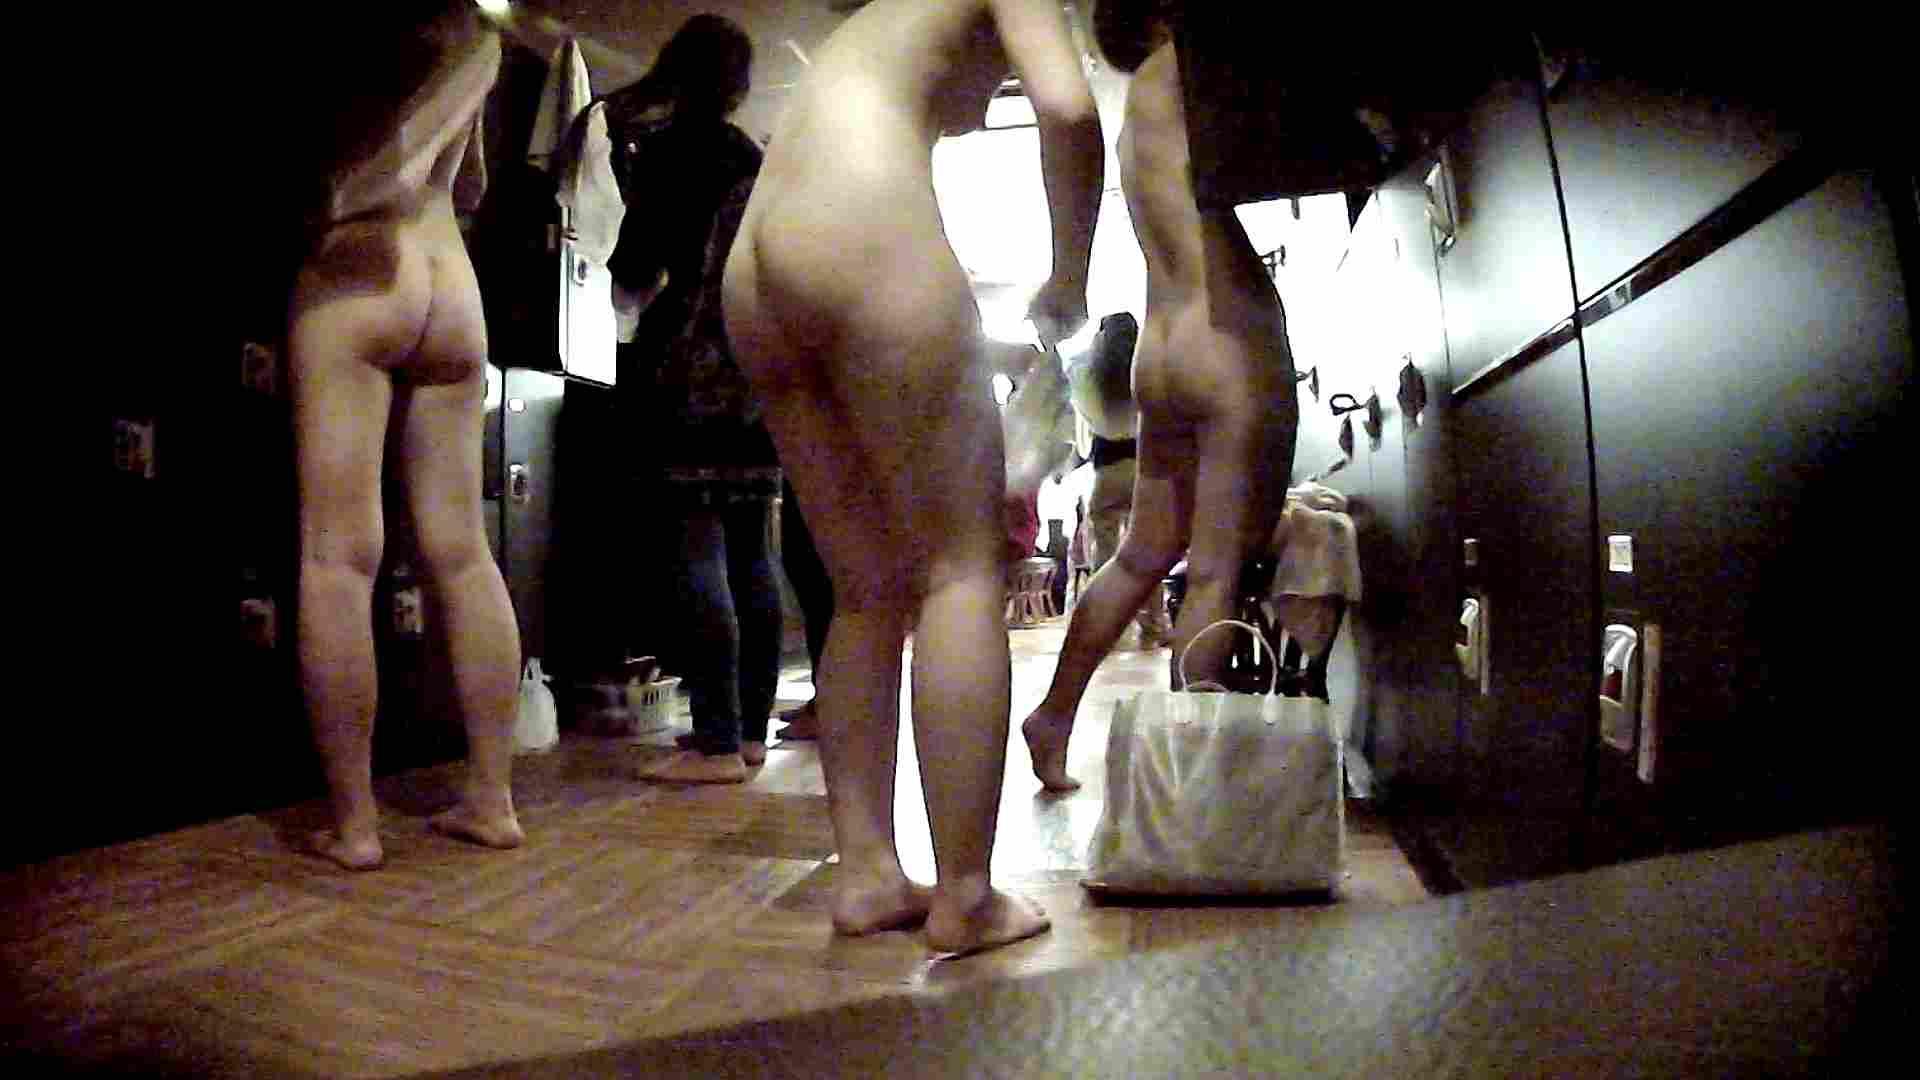 脱衣所!オムニバス 大混雑!注目はあの人の御御足でしょう。 女湯のぞき オマンコ無修正動画無料 109枚 103